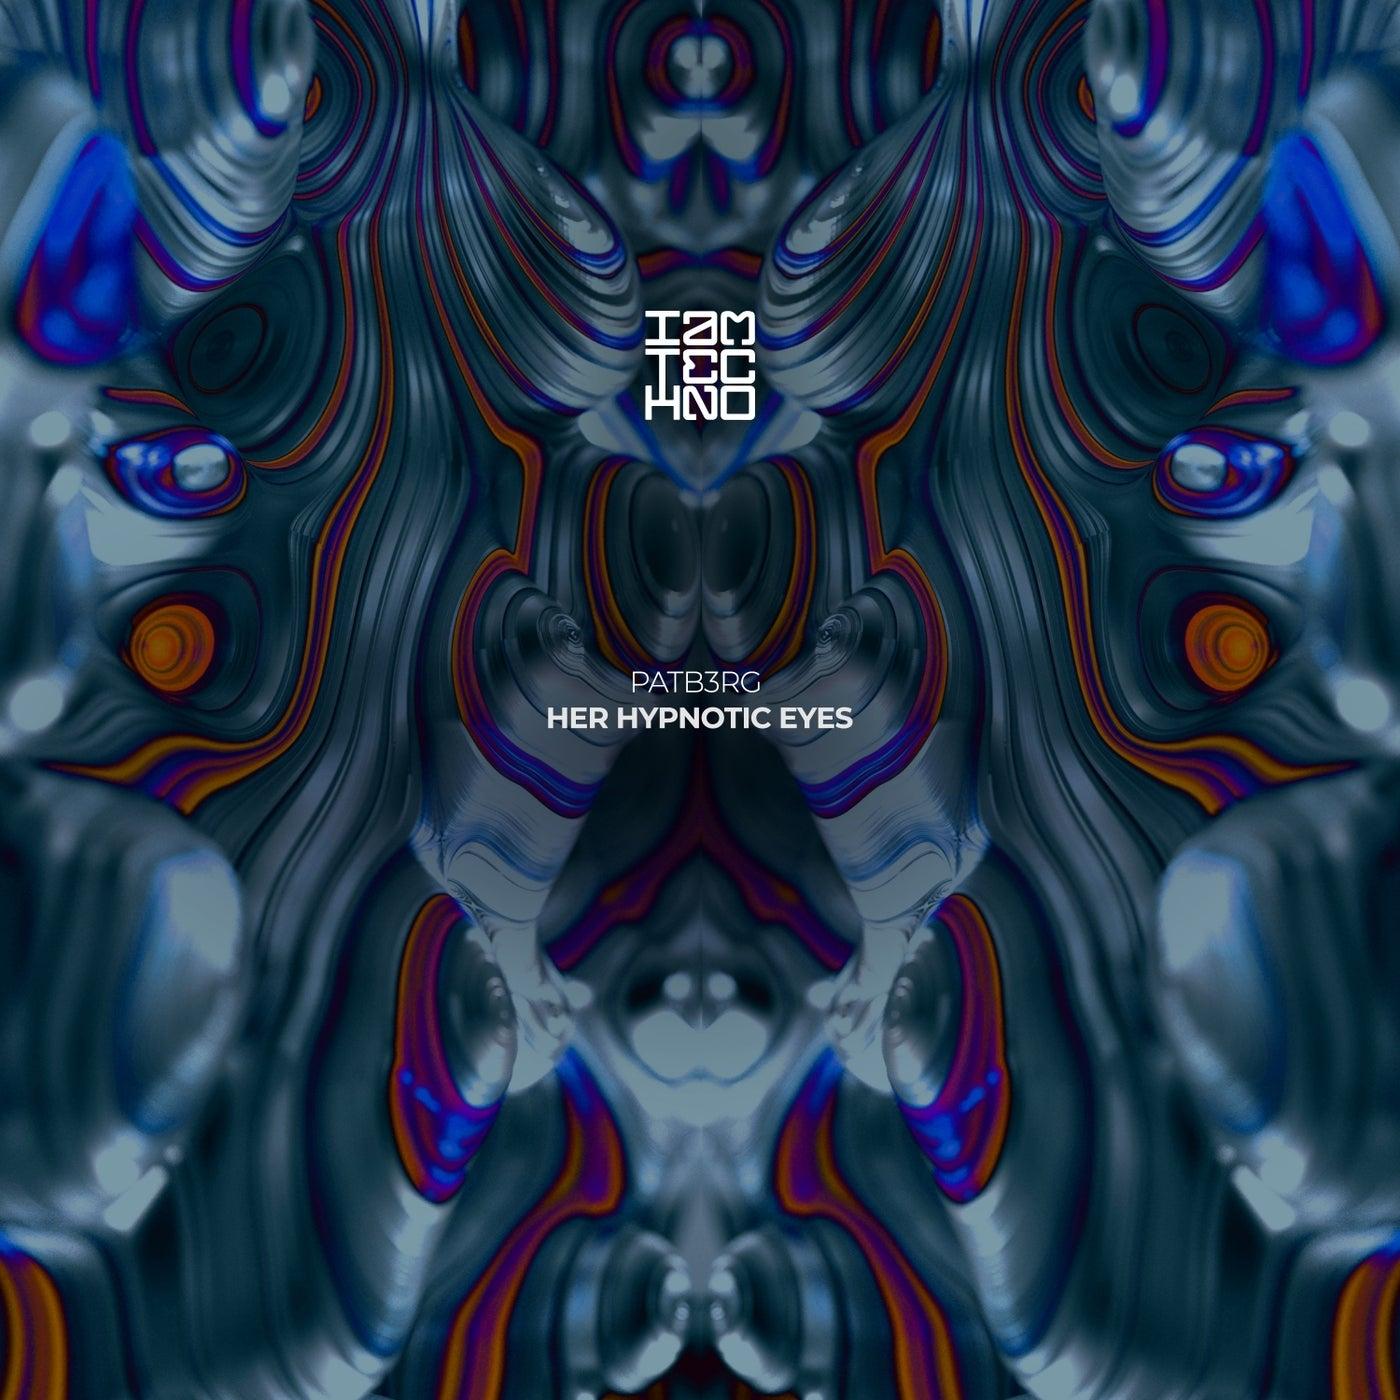 Her Hypnotic Eyes (Original Mix)